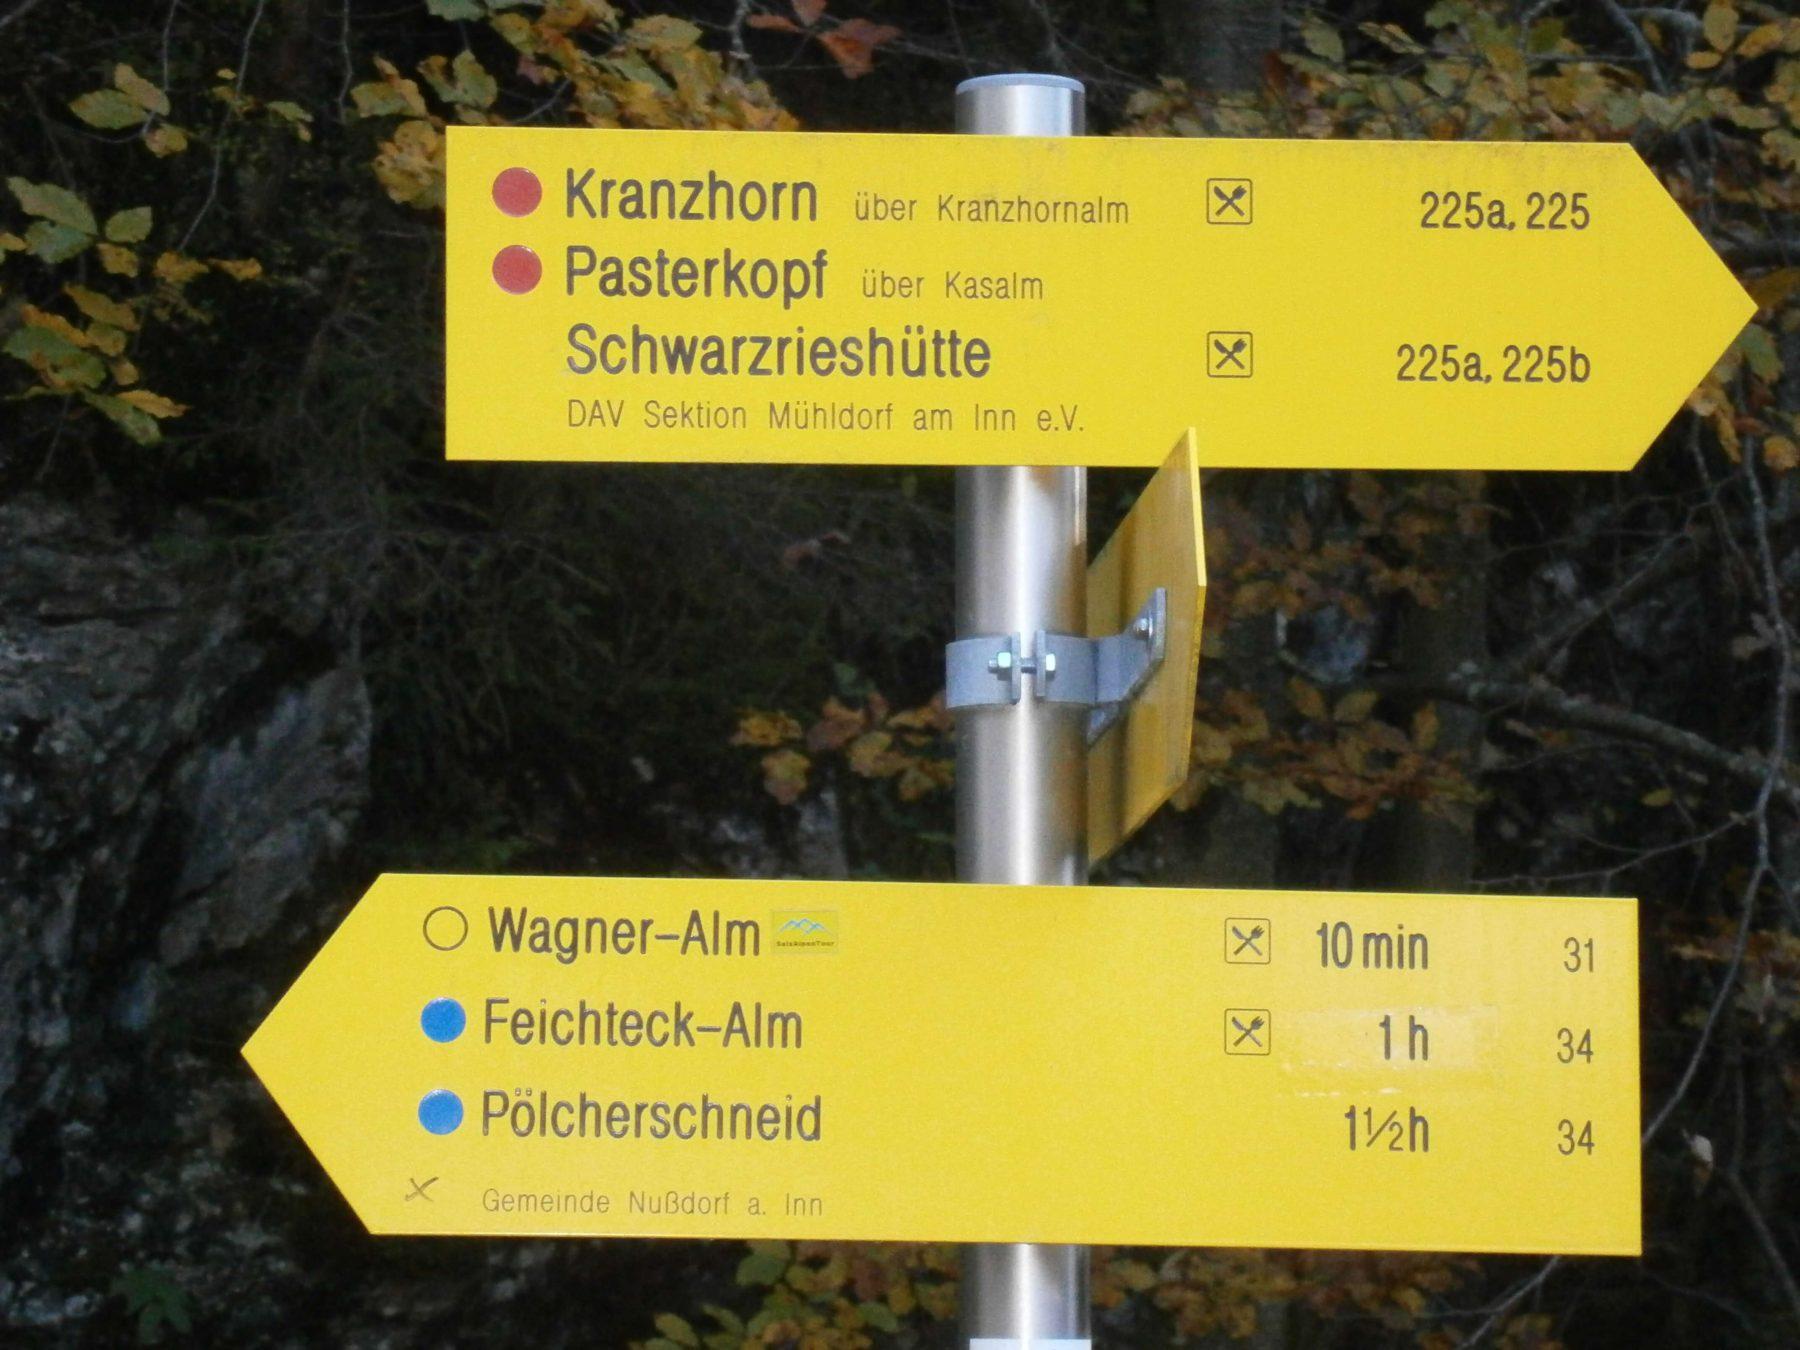 samerberg-schwarzrieshuette-7-wegweiser-rechts-gelb